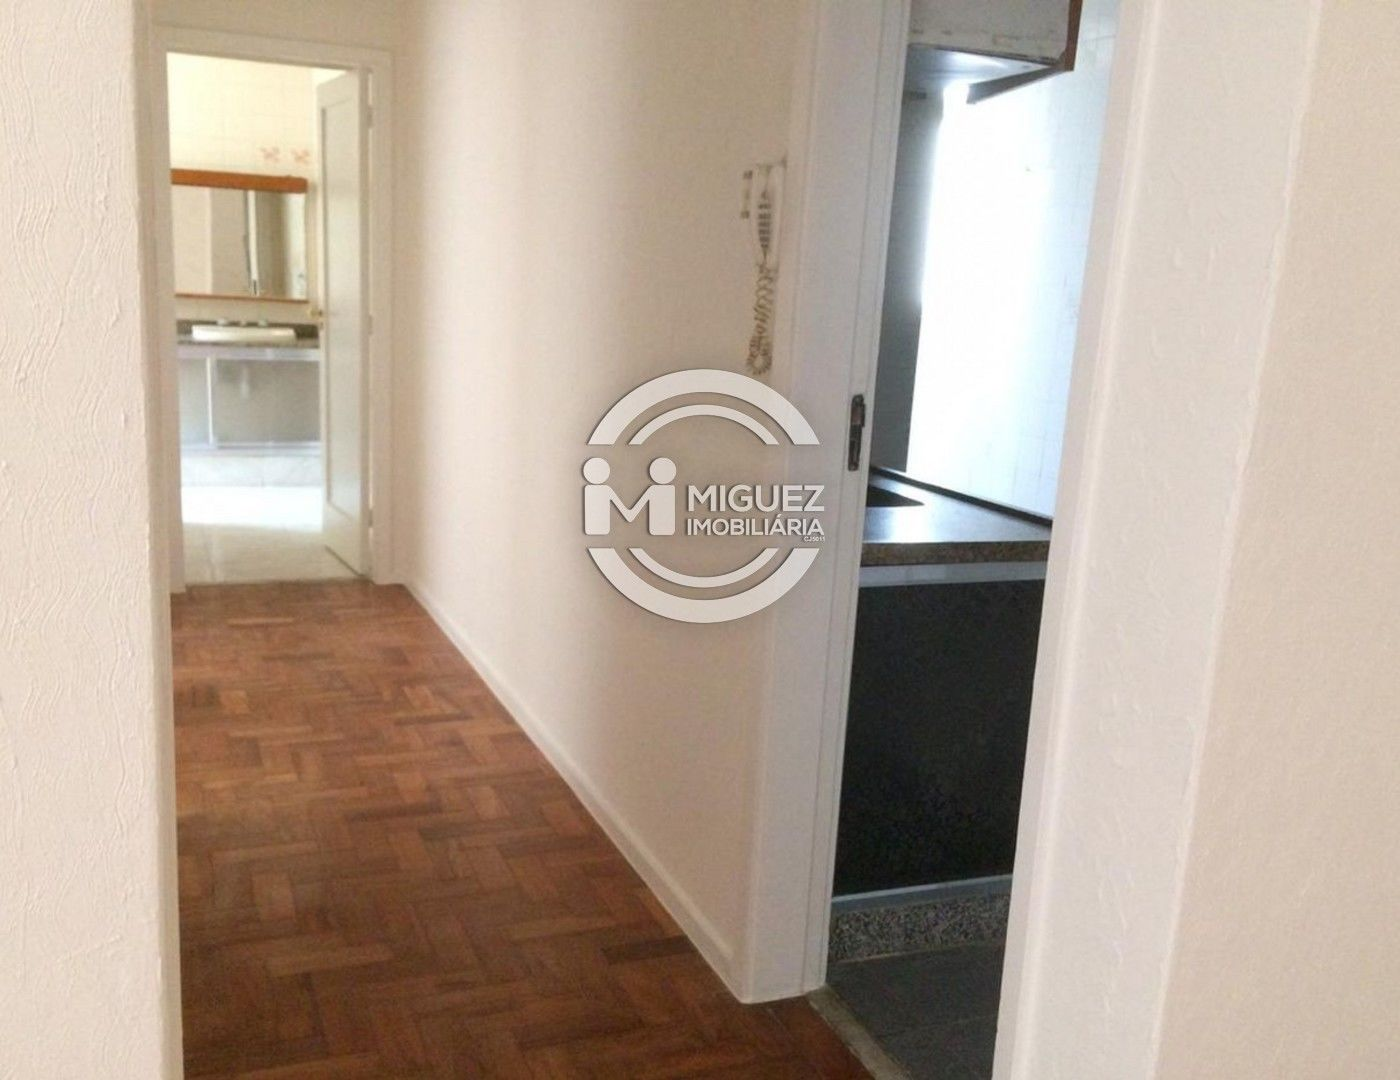 Apartamento, aluguel, RUA ROSA E SILVA - Grajaú , Rio de janeiro